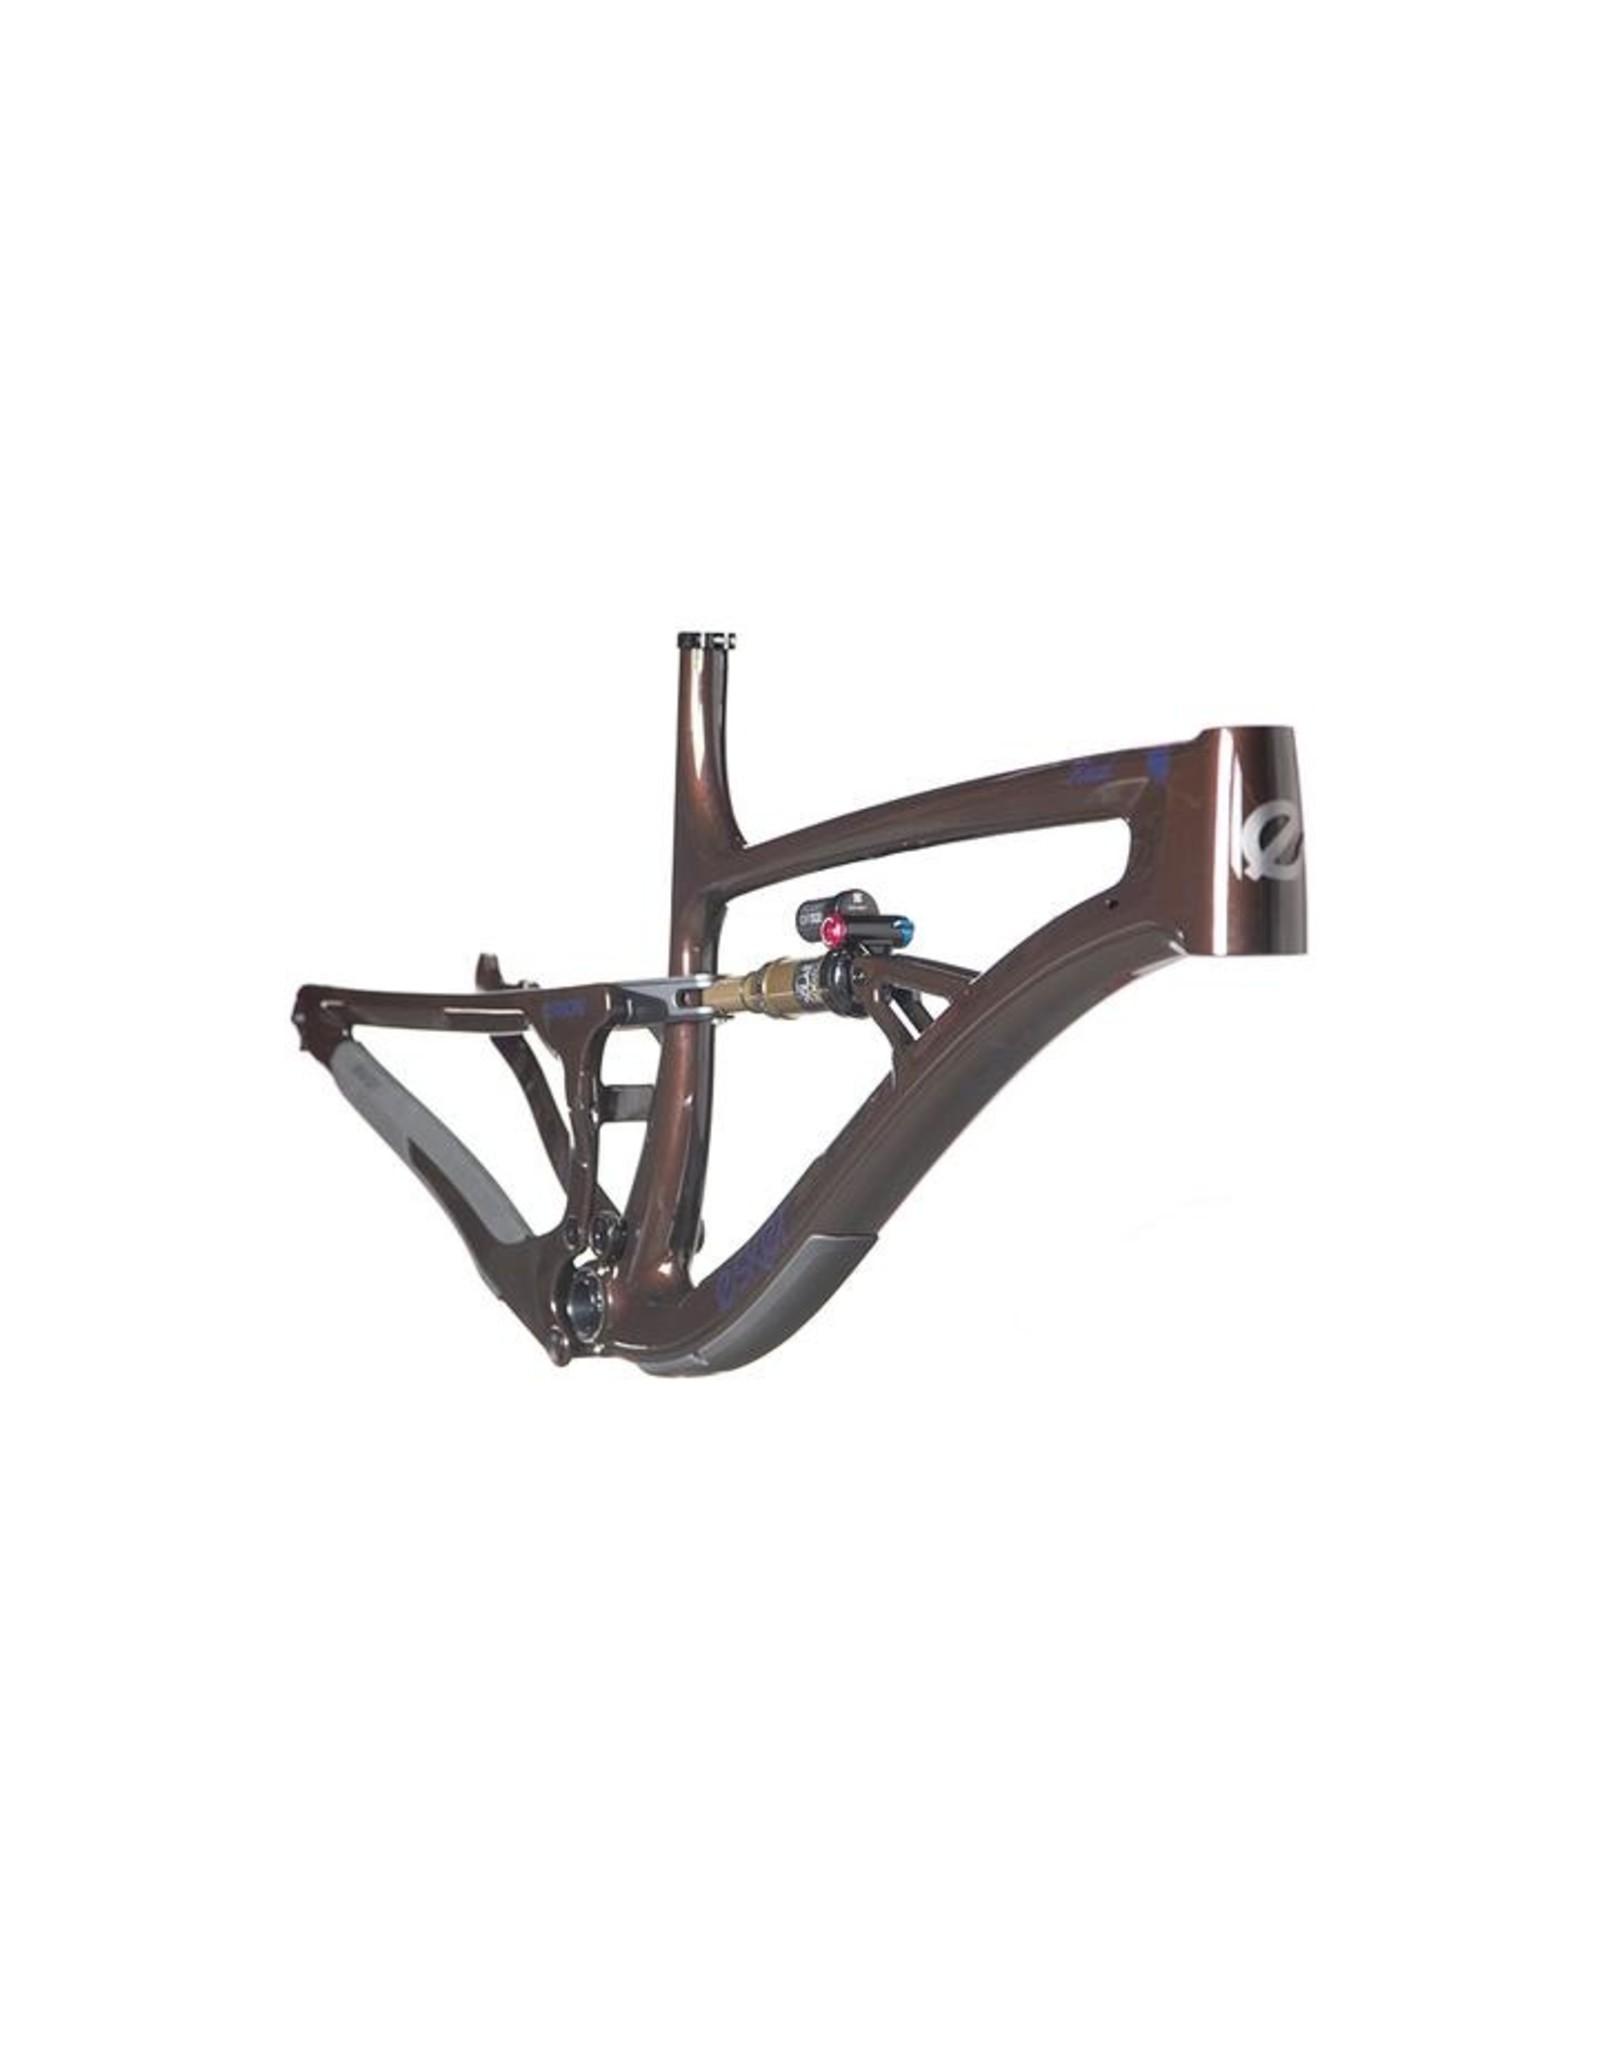 Esker Rowl Complete Bike R2 (Sram GX, Fox Perf Elite)